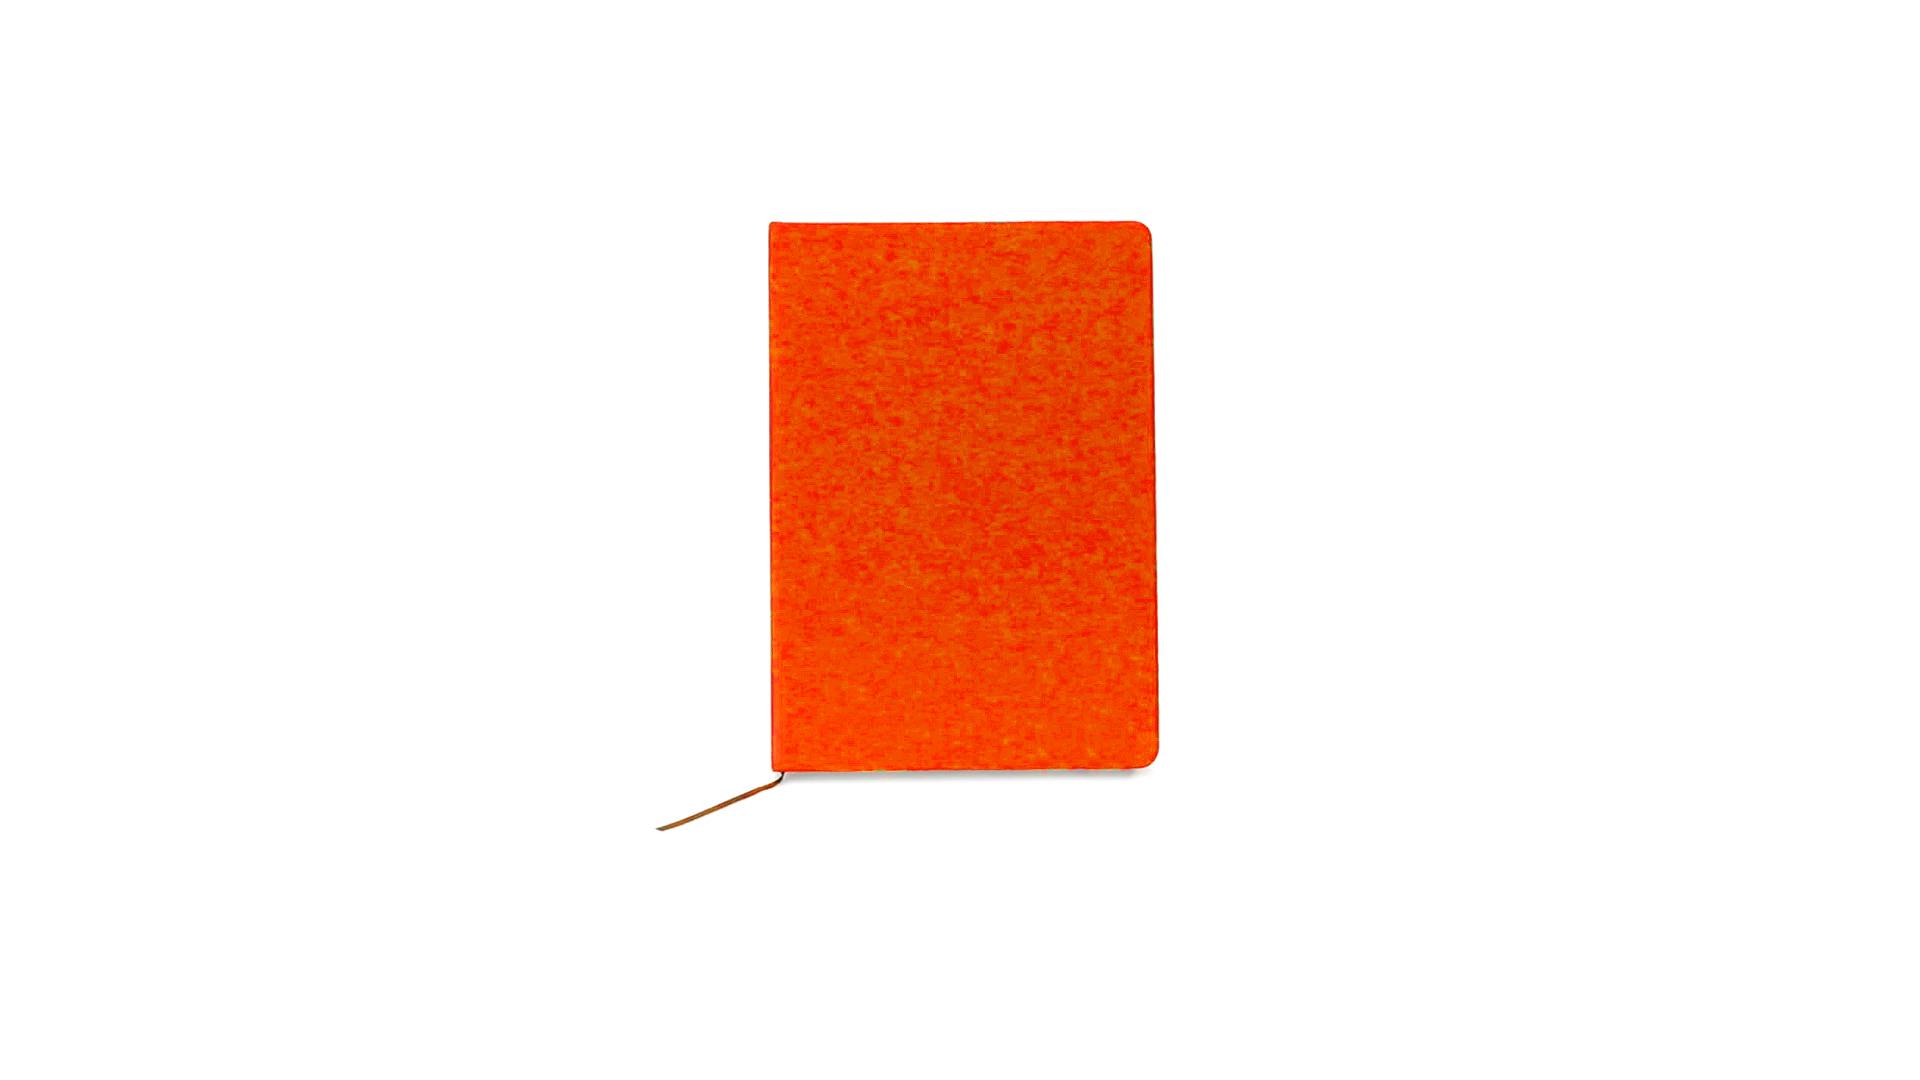 Libreta naranja